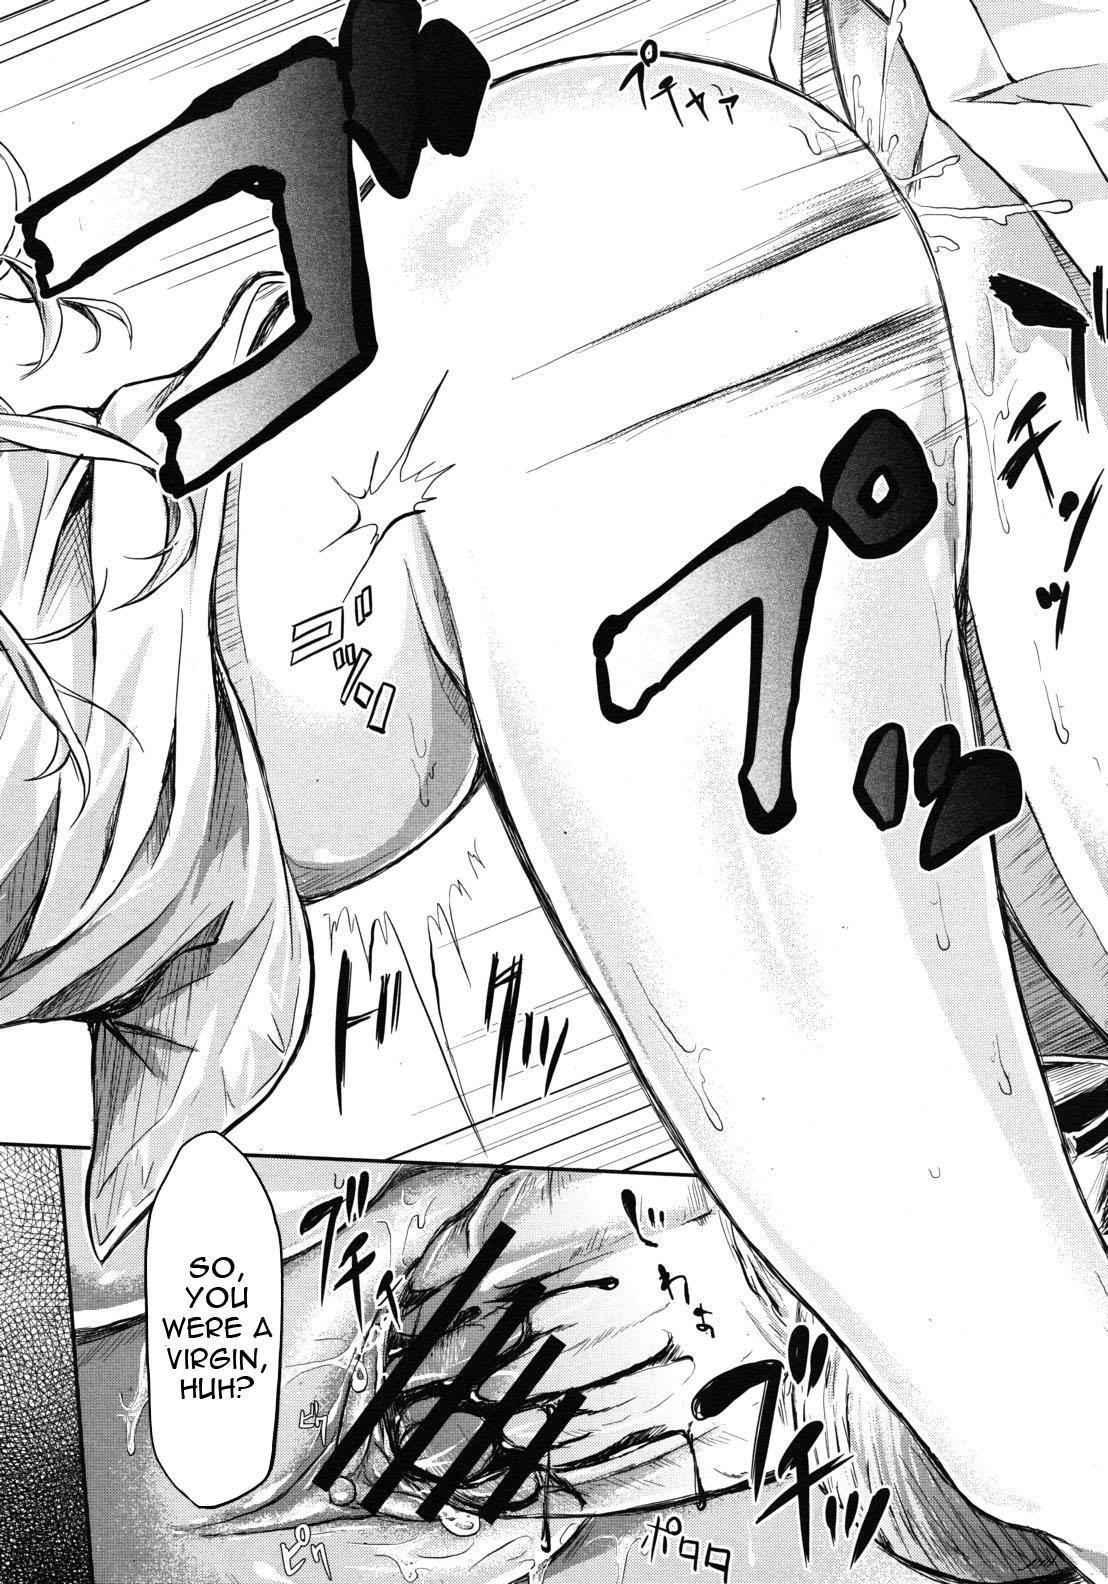 [Shiki Takuto] if - Tokei Monogatari | if - A Story About a Watch (Comic MUJIN 2012-07) [English] =LWB= 23